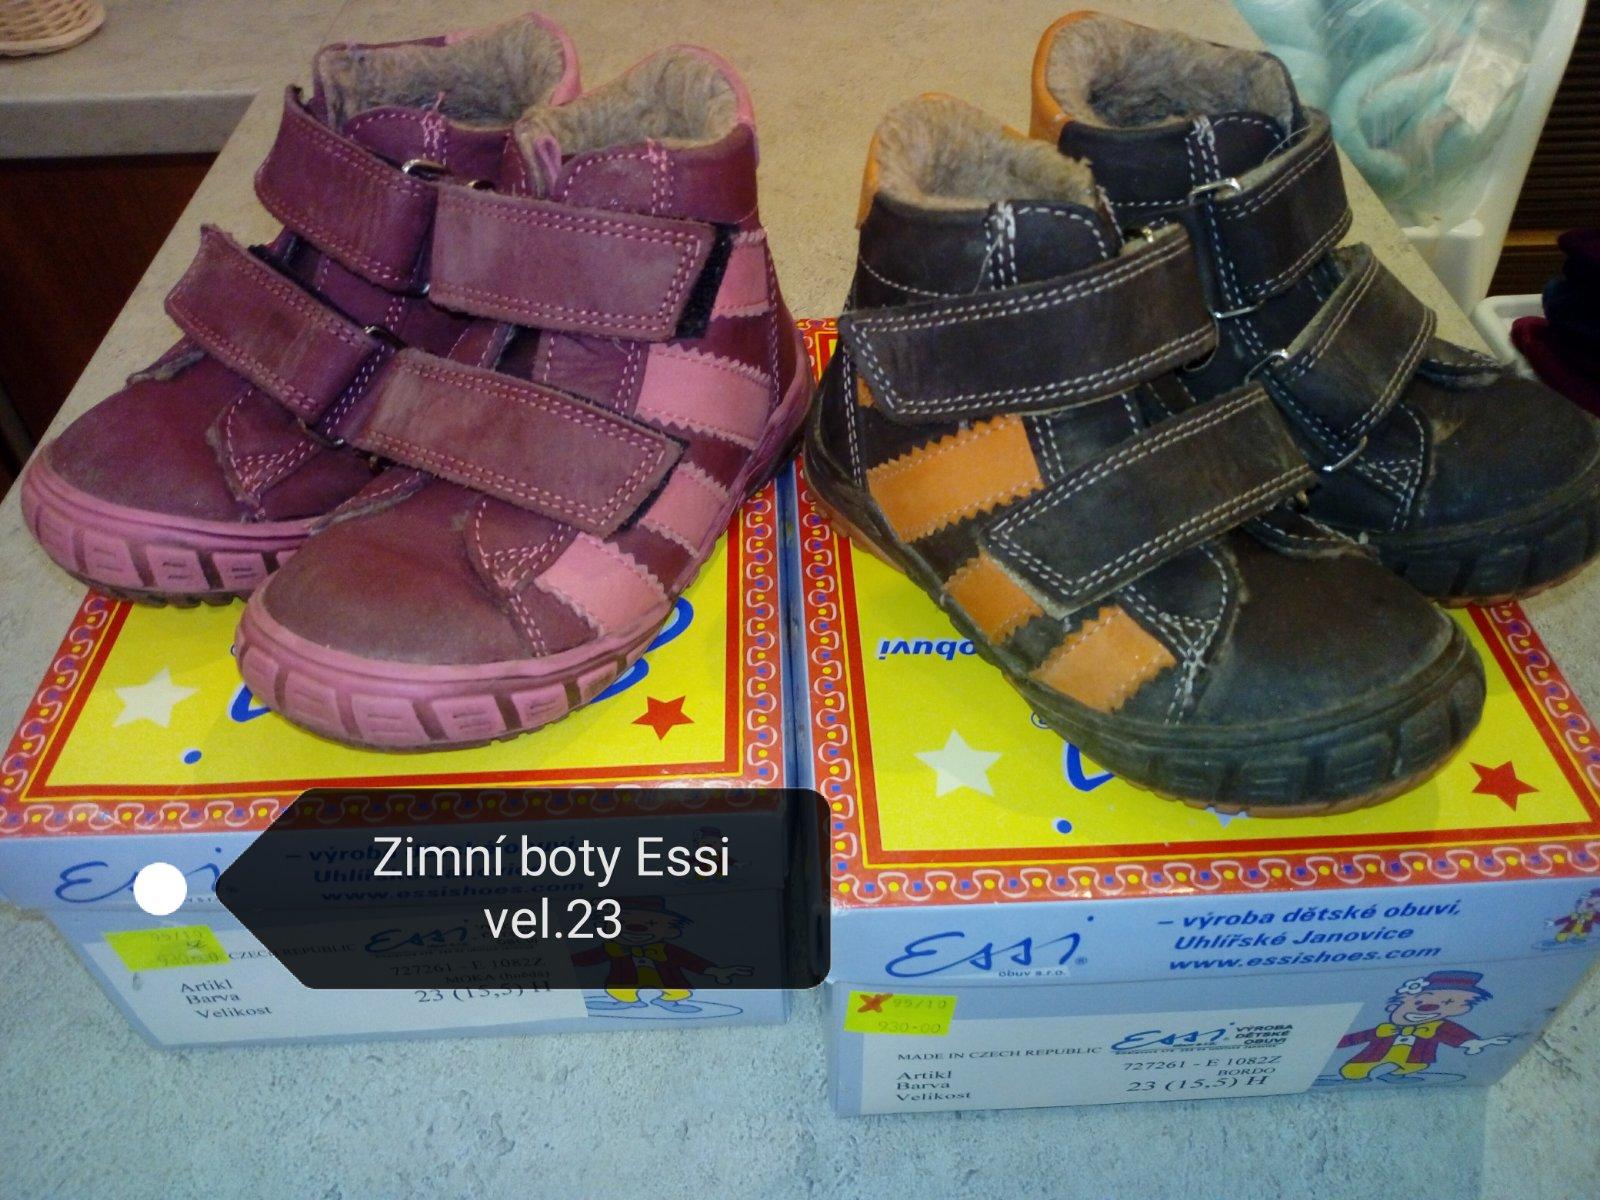 Zimní boty essi vel.23 c1c524cc52